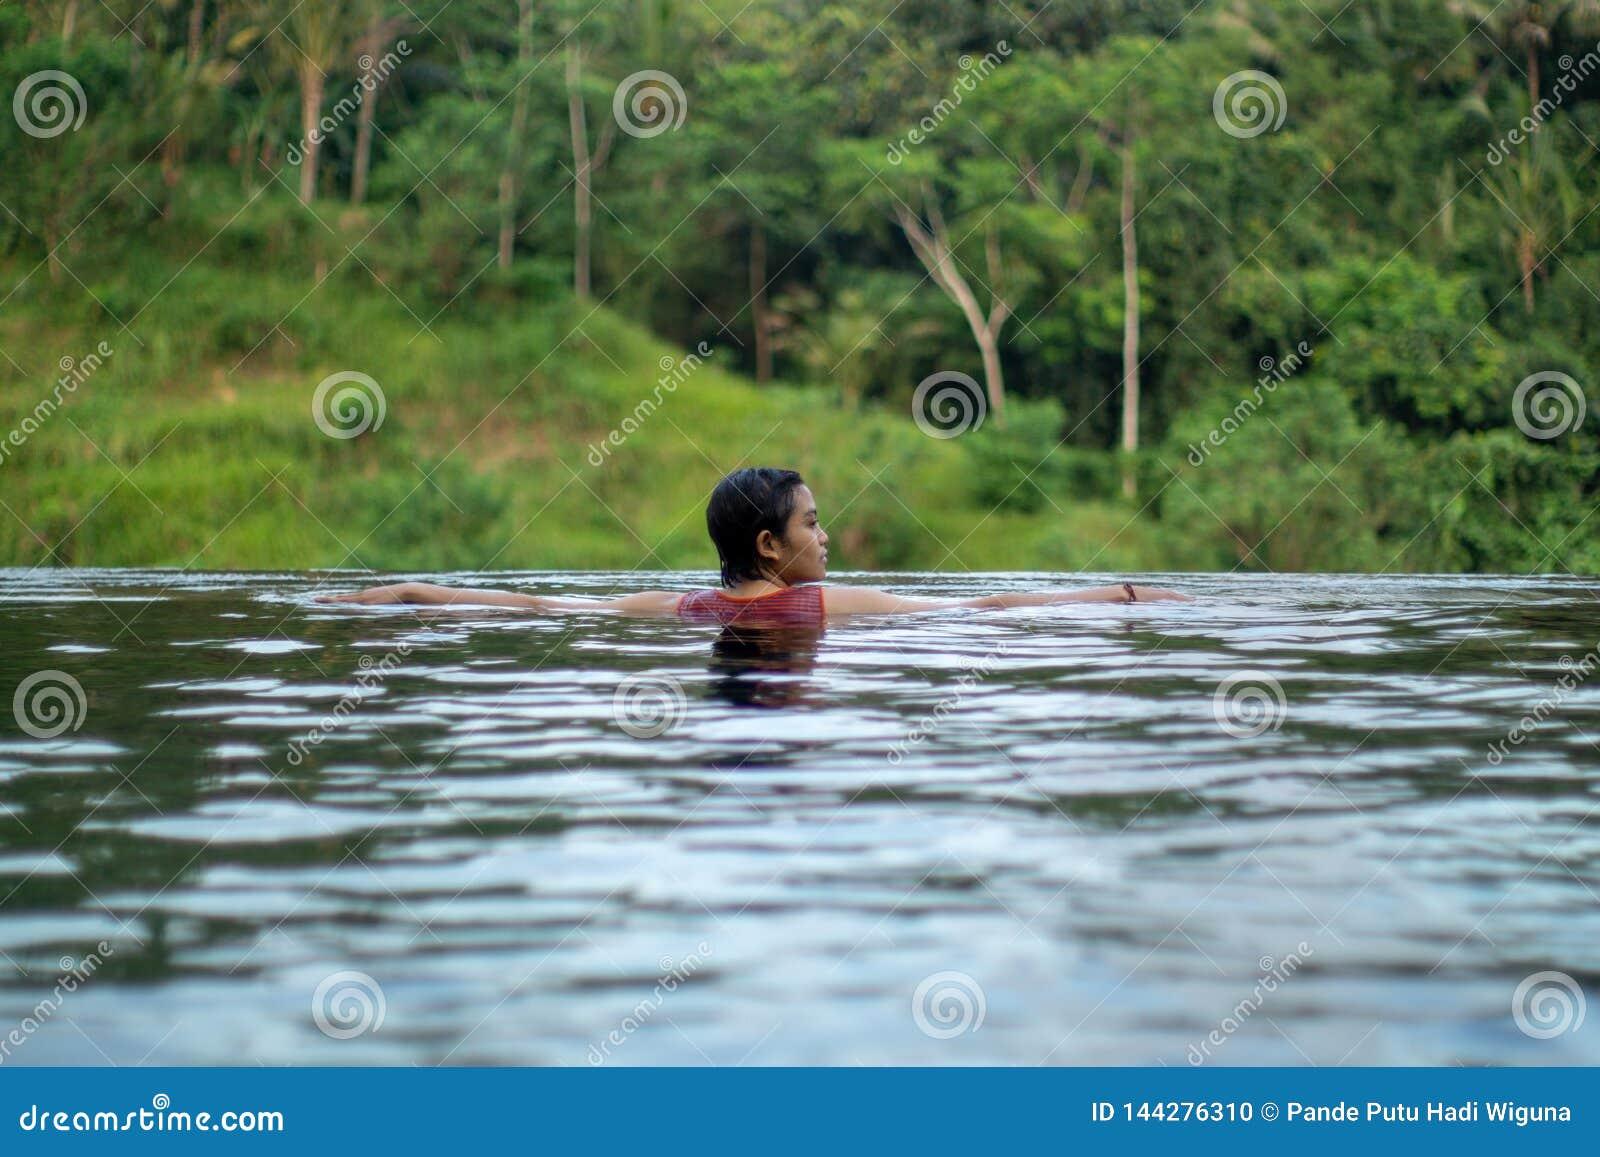 Молодое азиатское плавание девушки в пейзажном бассейне с красивым видом Ей принимают фото от задней части